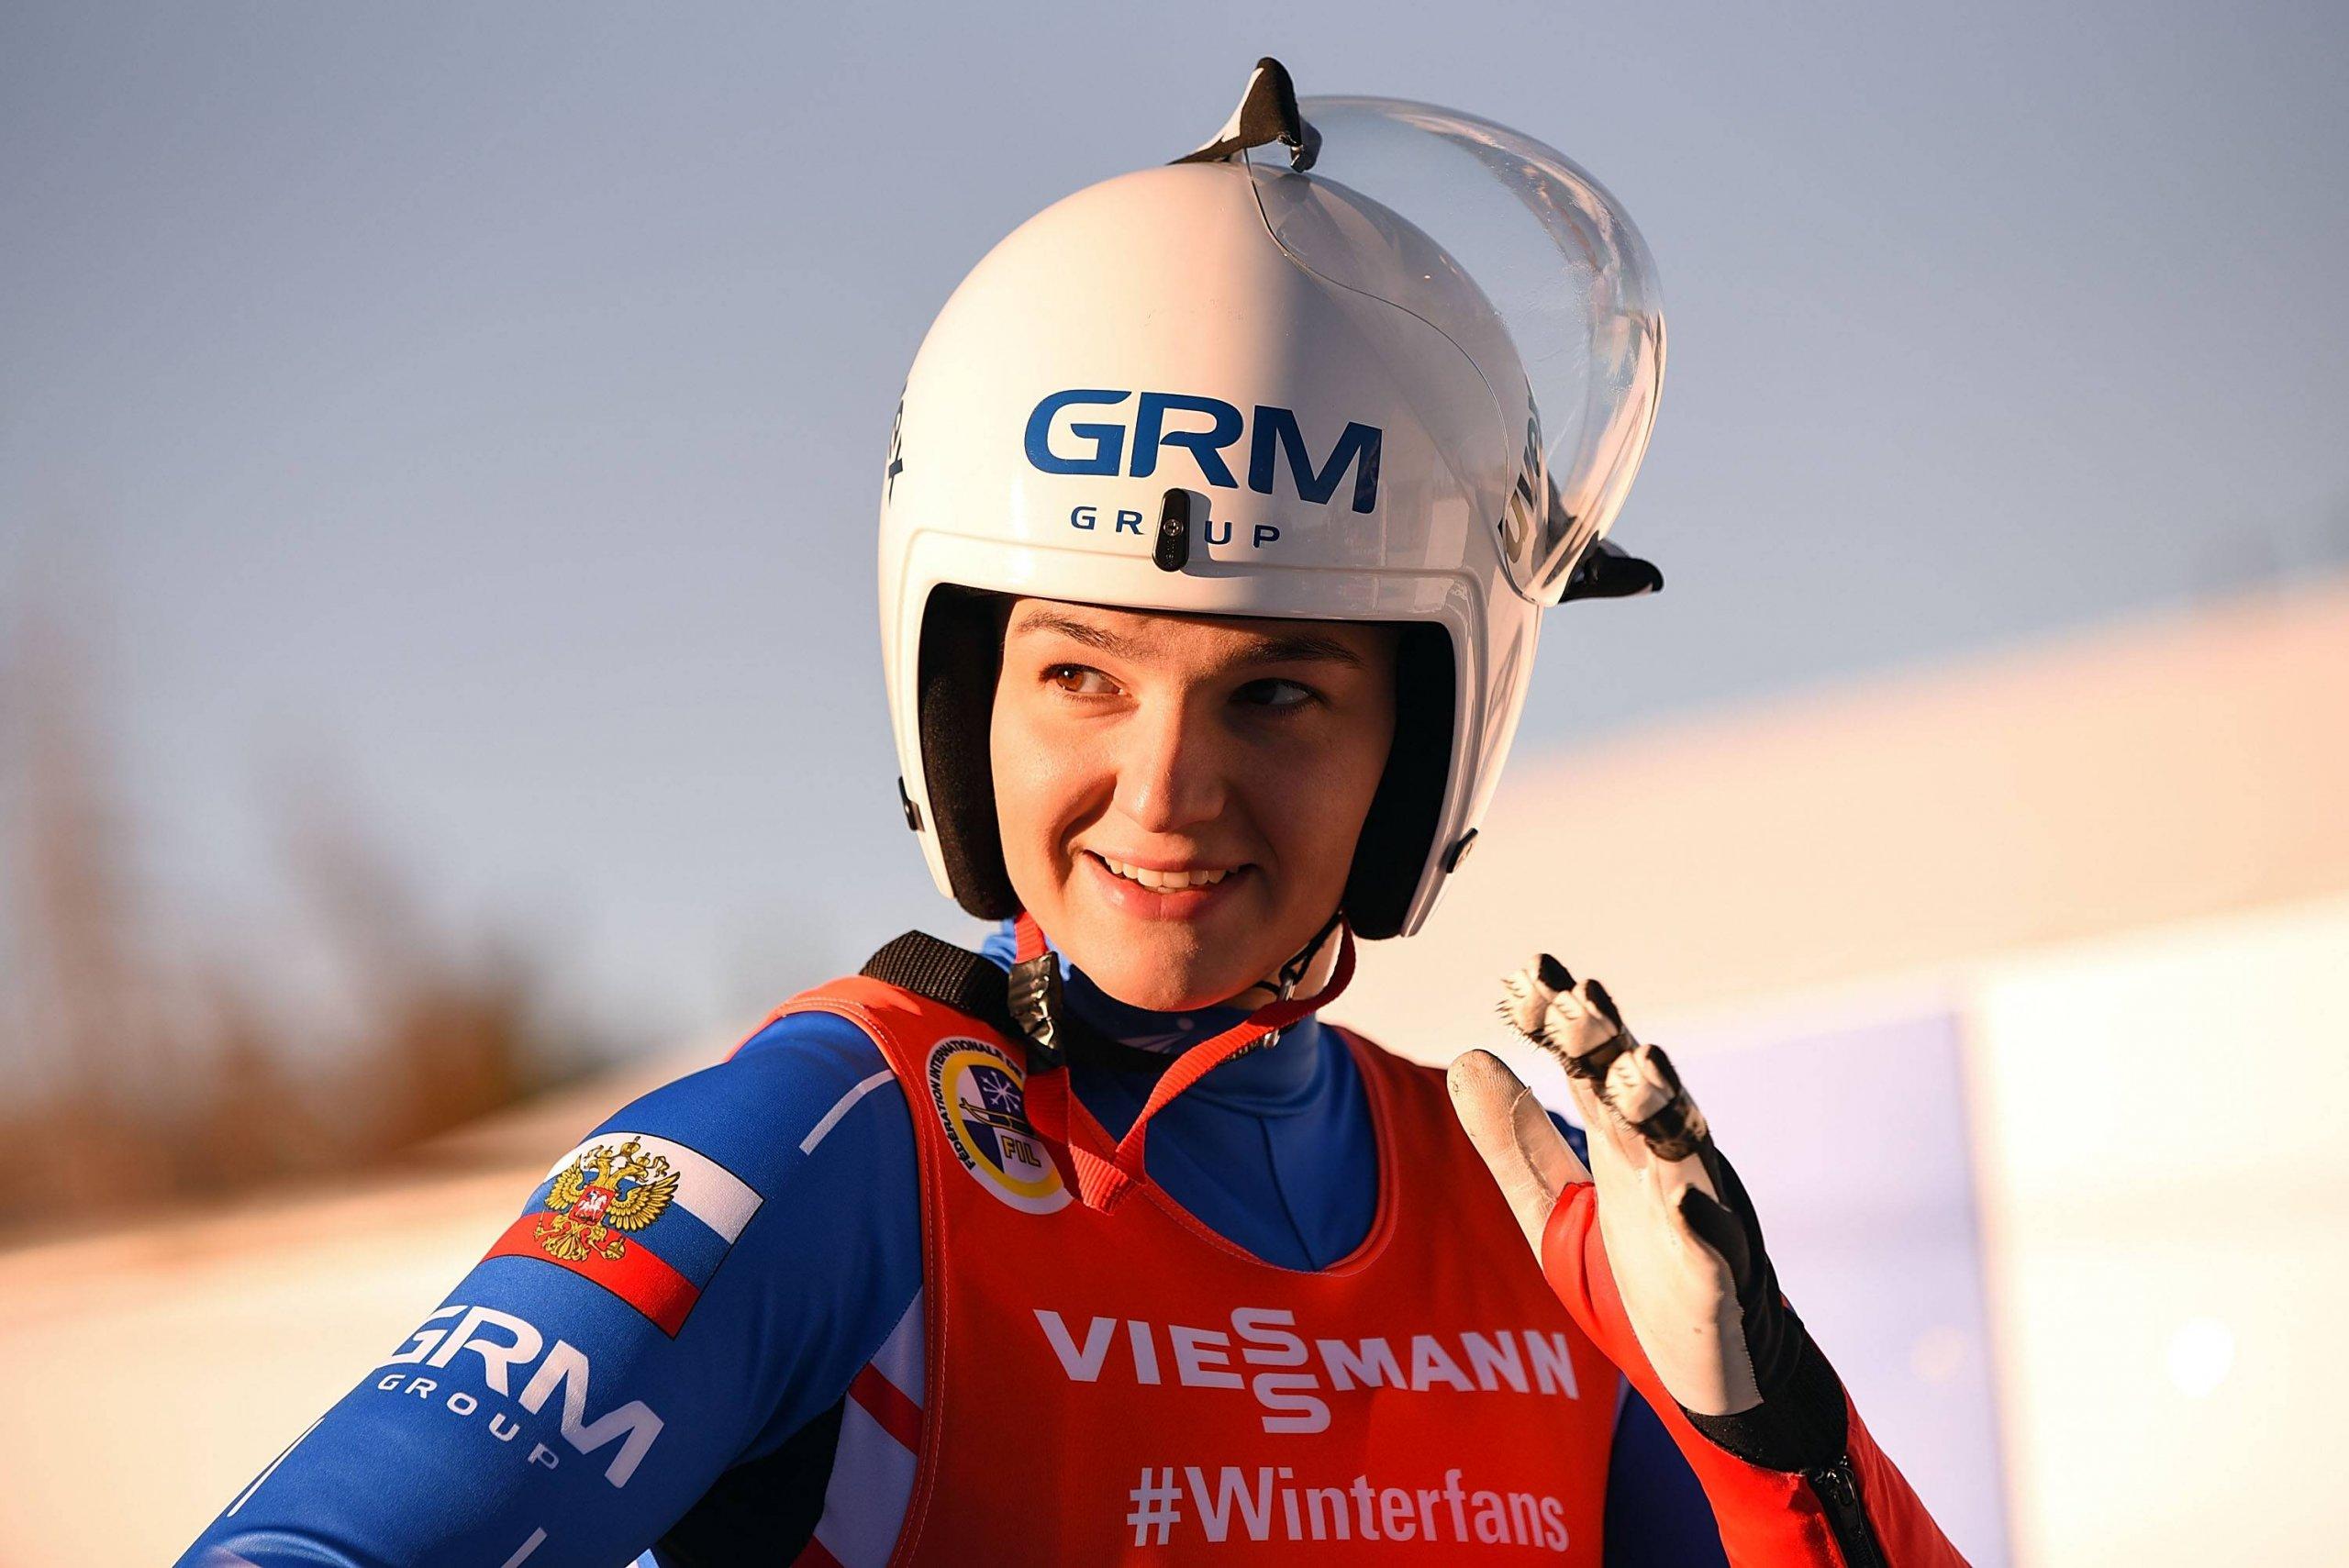 Российская саночница Екатерина Катникова завоевала золото на чемпионате мира в Сочи